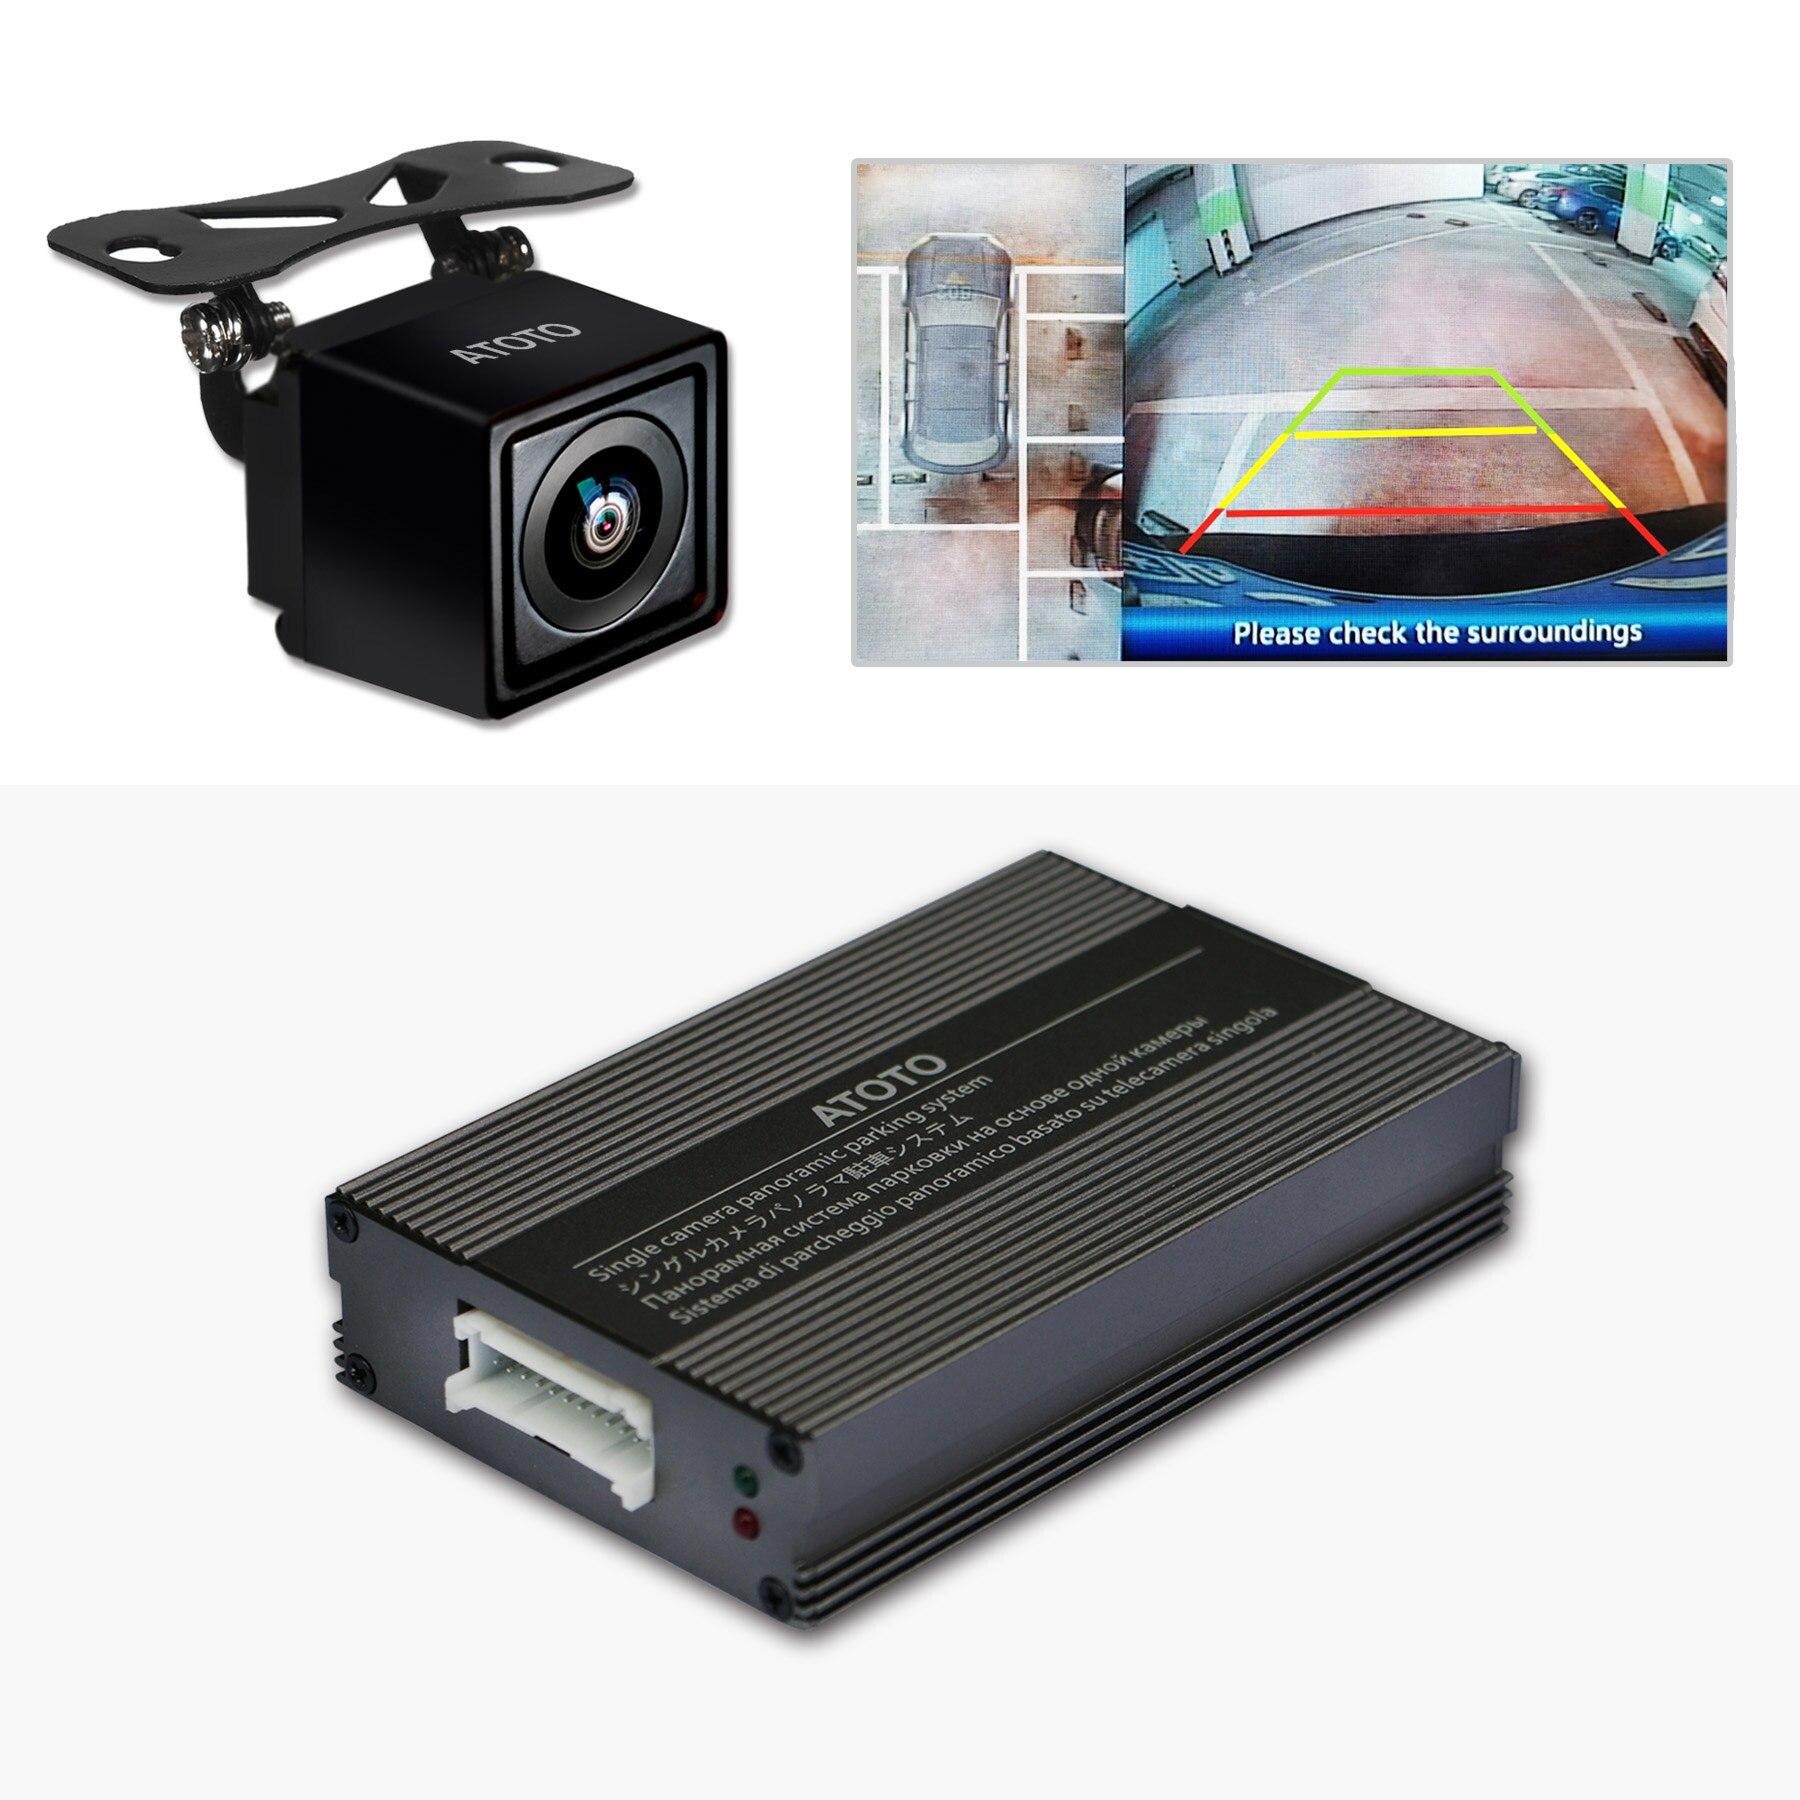 ATOTO AC-SC3601 كاميرا واحدة محيطة عرض نظام صف سيارات الرؤية الخلفية-صورة بانورامية خياطة-عرض الطيور العين من المناطق المحيطة بها